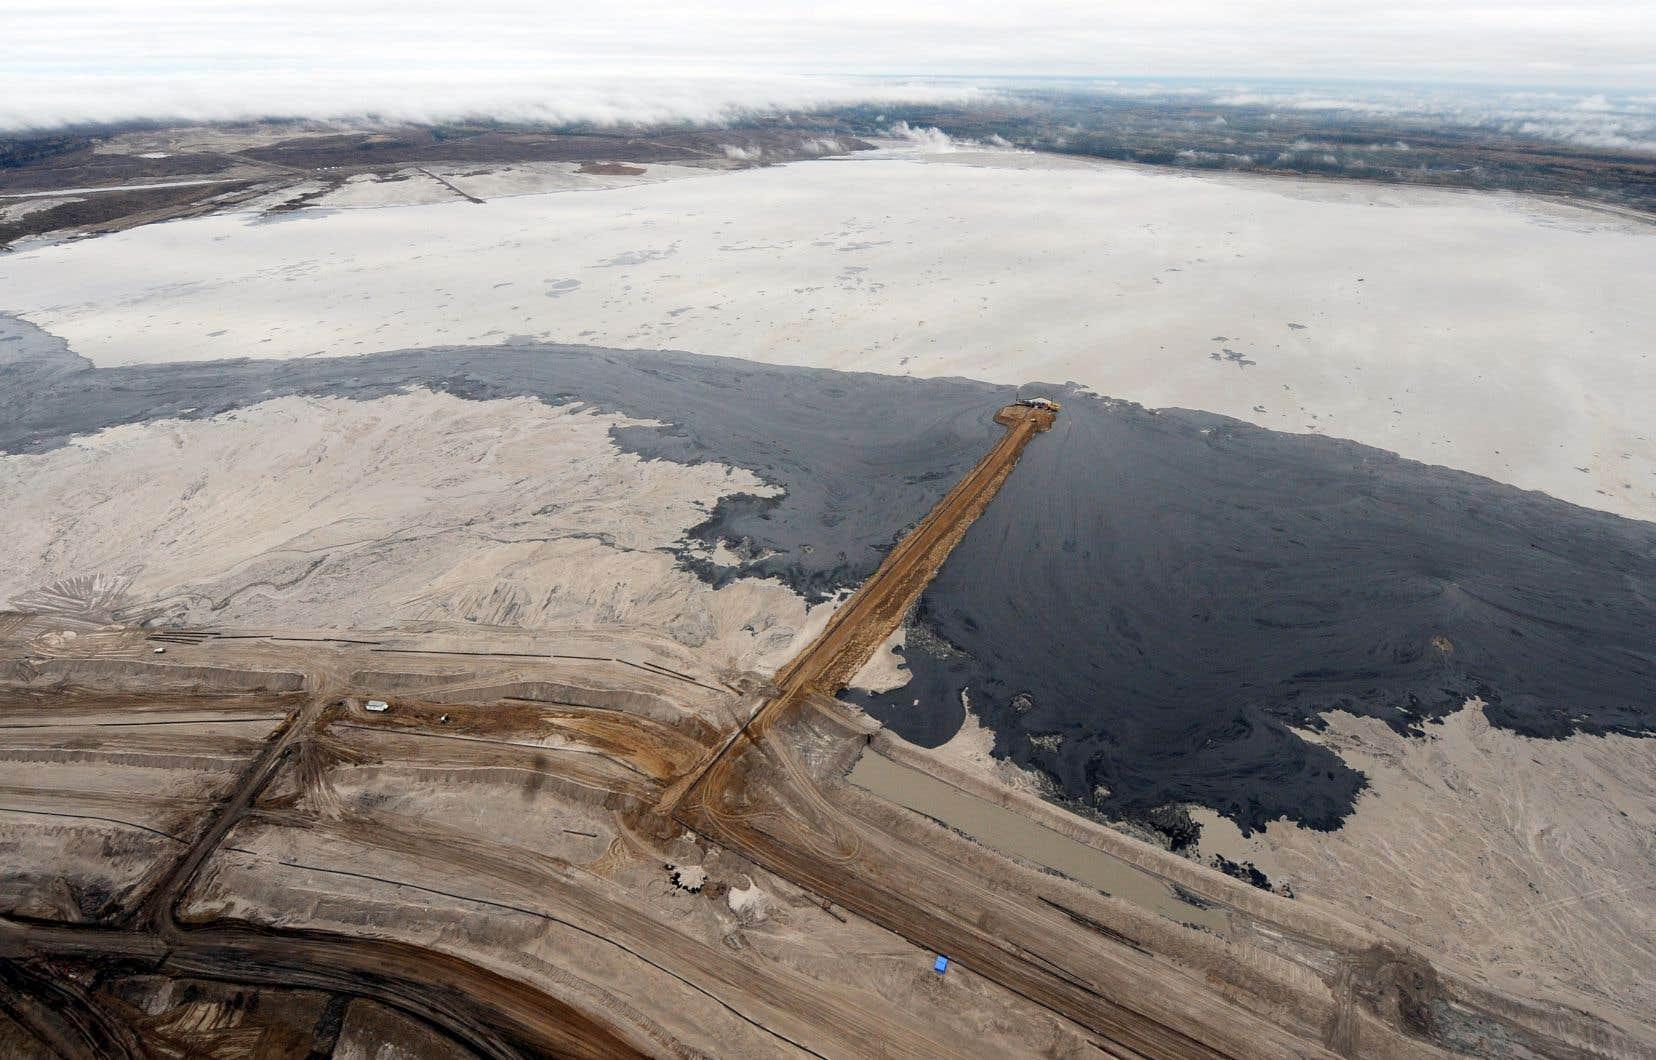 Le secteur pétrolier et gazier, déjà le plus lourd émetteur au Canada, prévoit une croissance continue de la production au pays jusqu'en 2040. Sur la photo, une exploitation de sables bitumineux en Alberta.